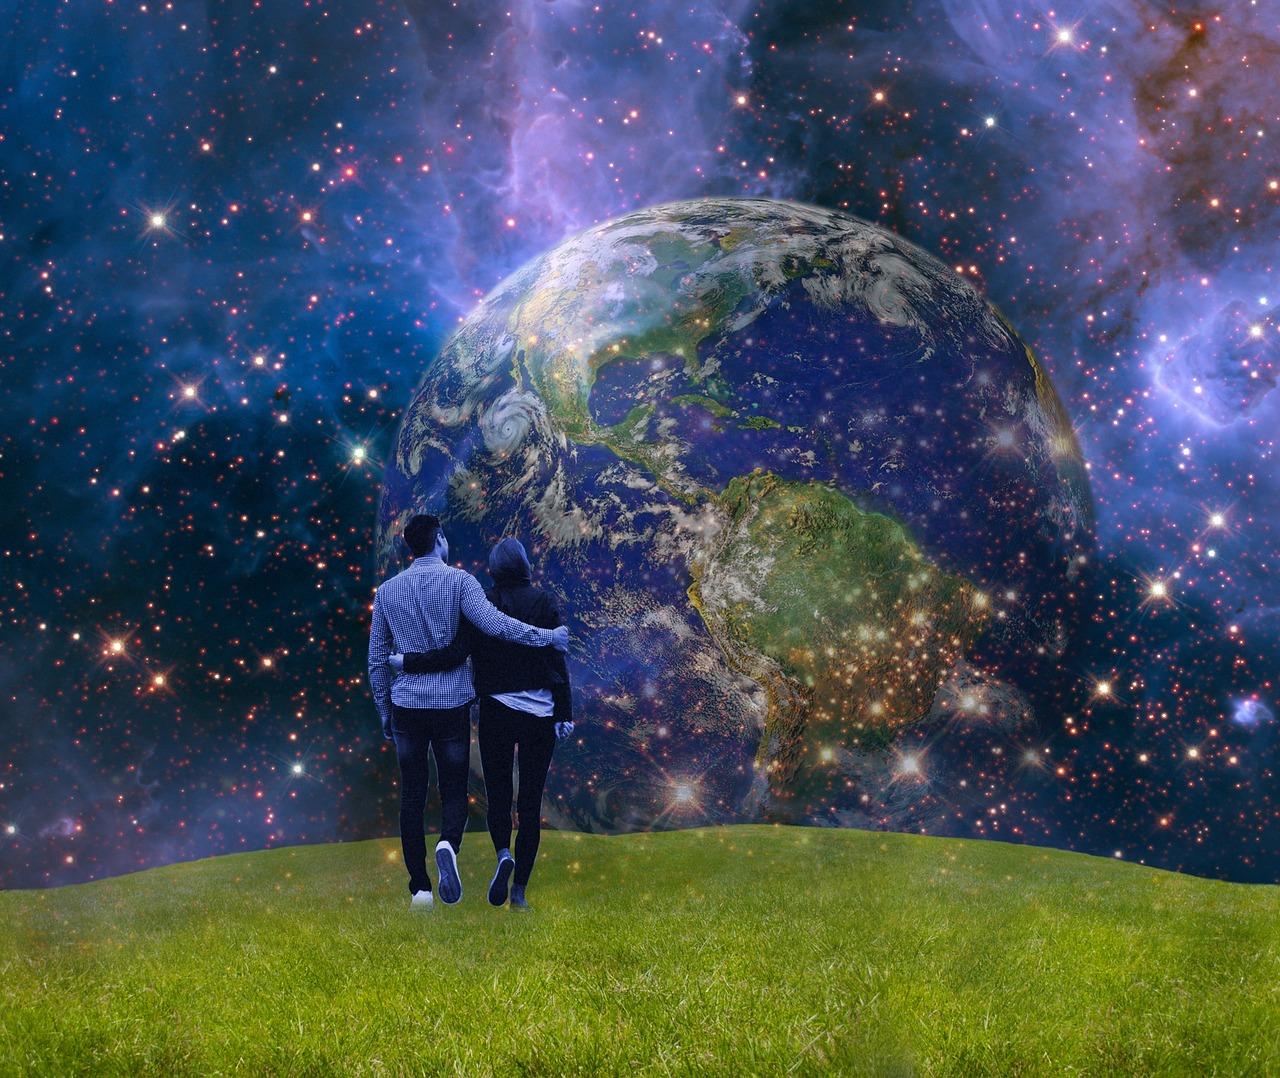 Descubrimos al planeta tierra